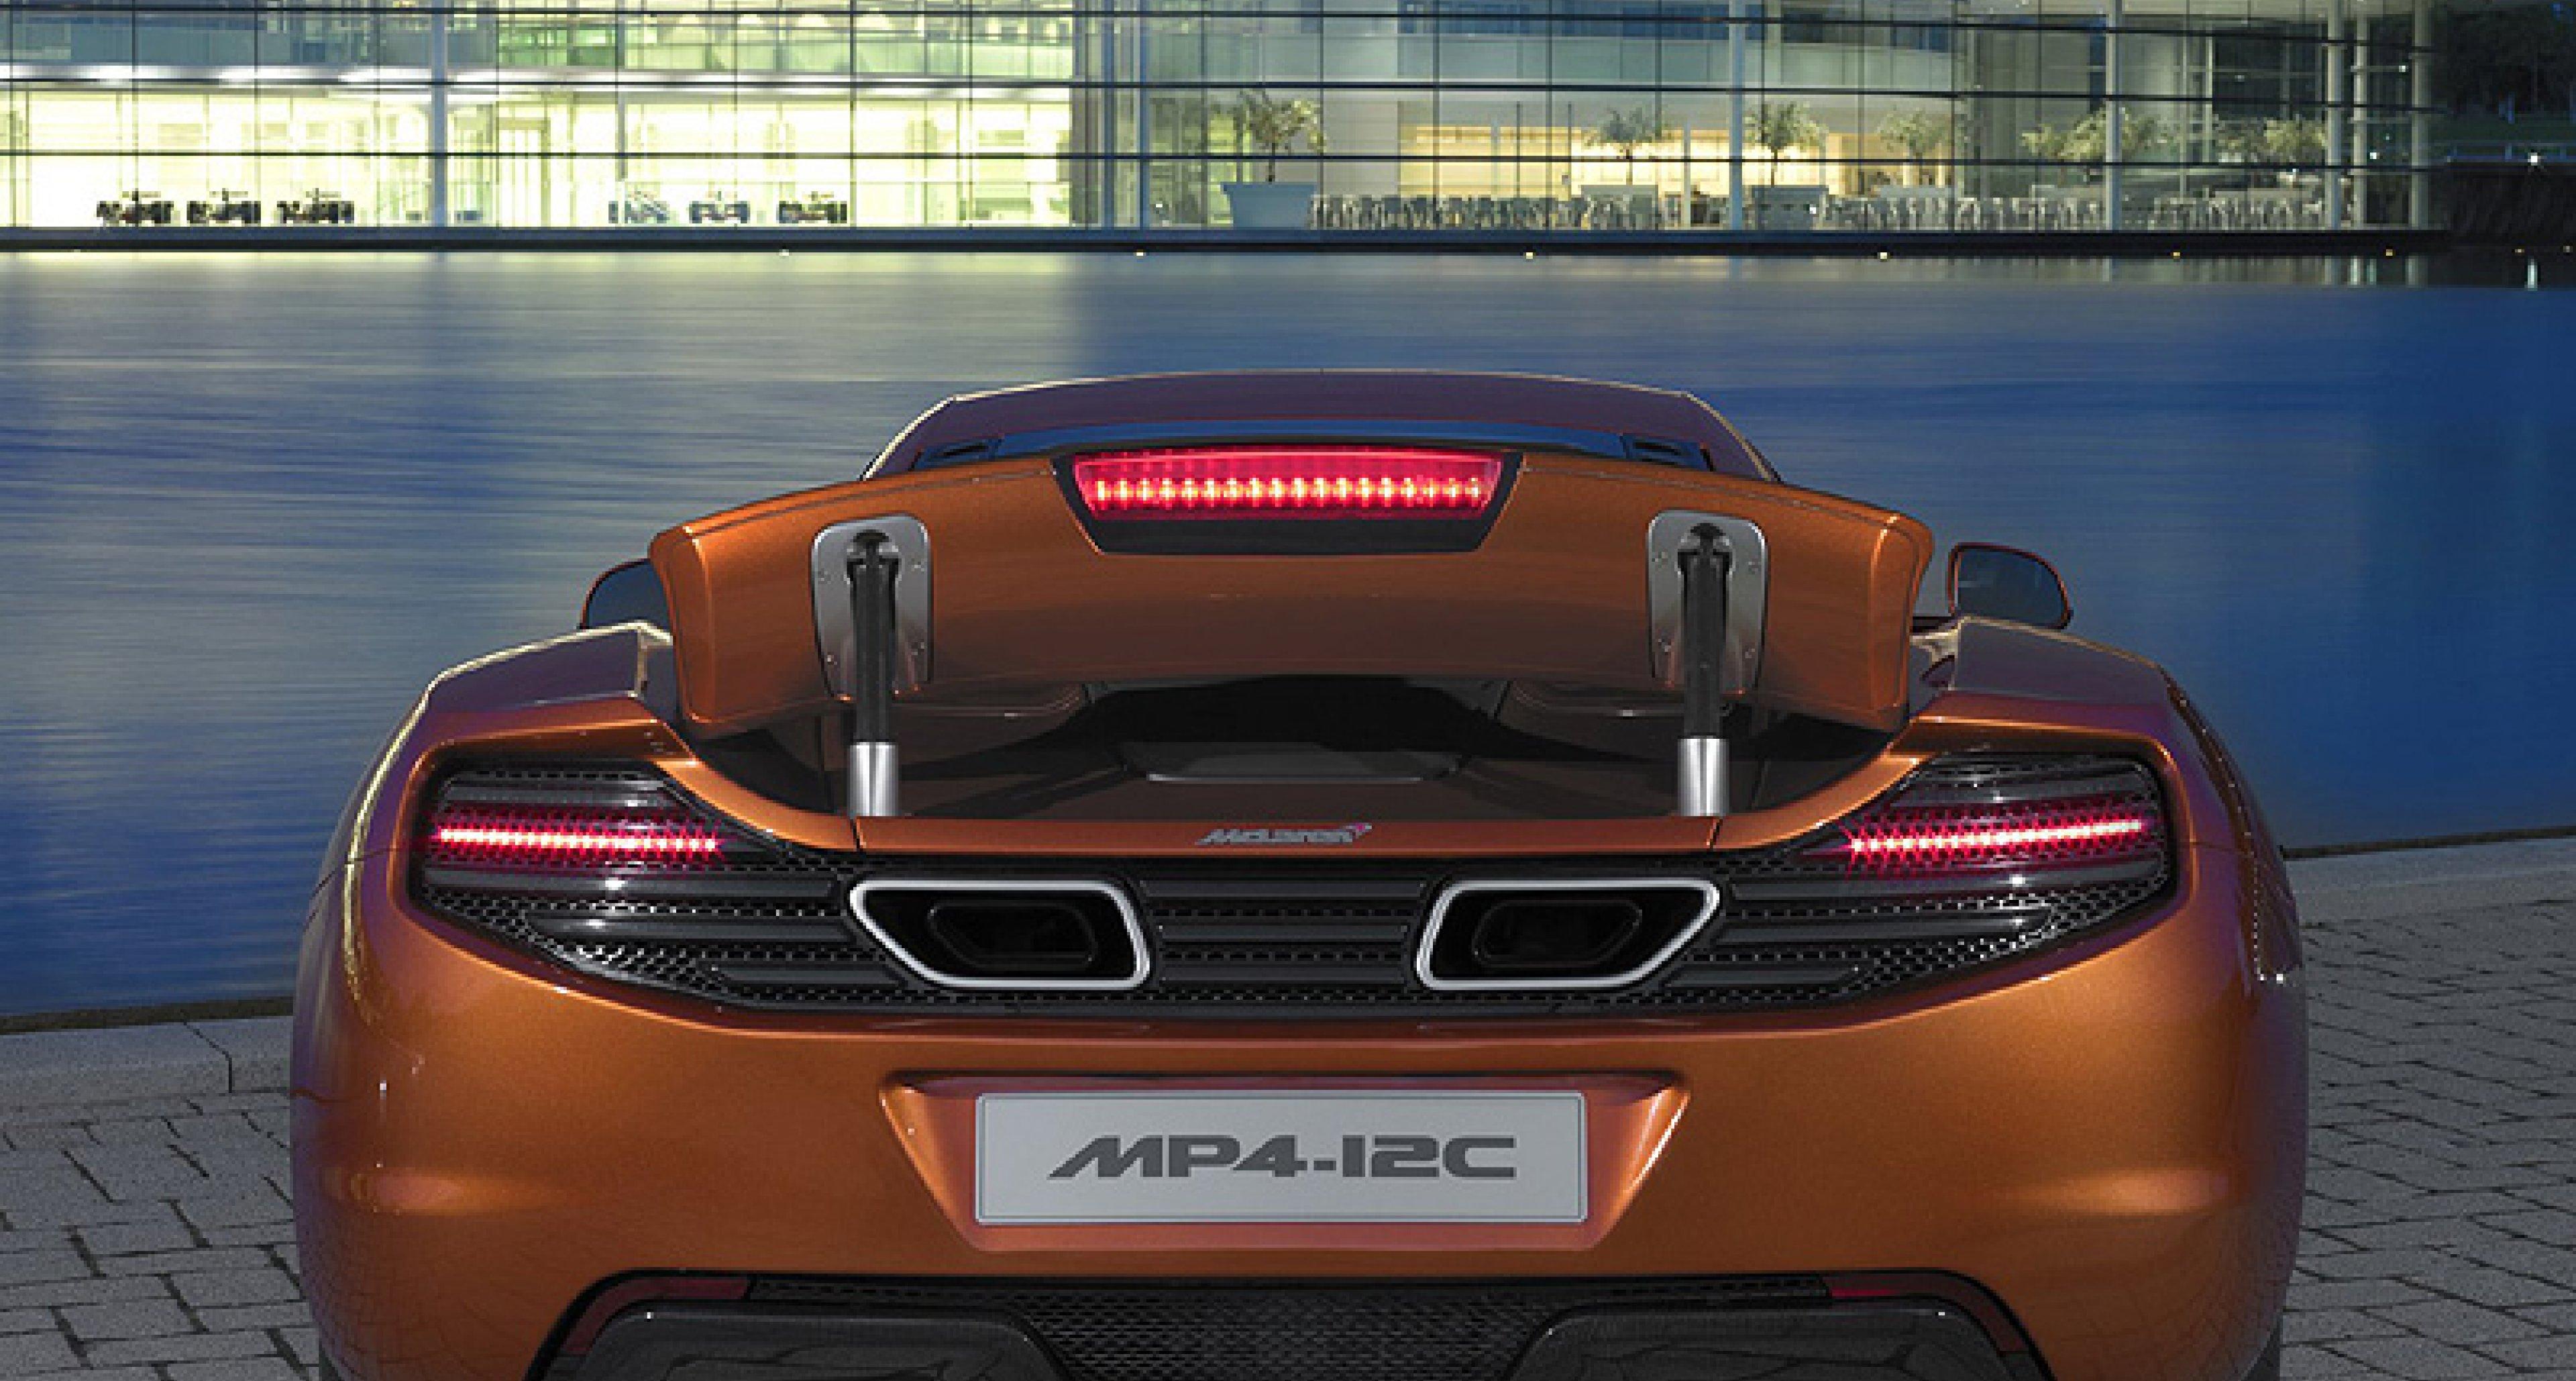 The McLaren MP4-12C